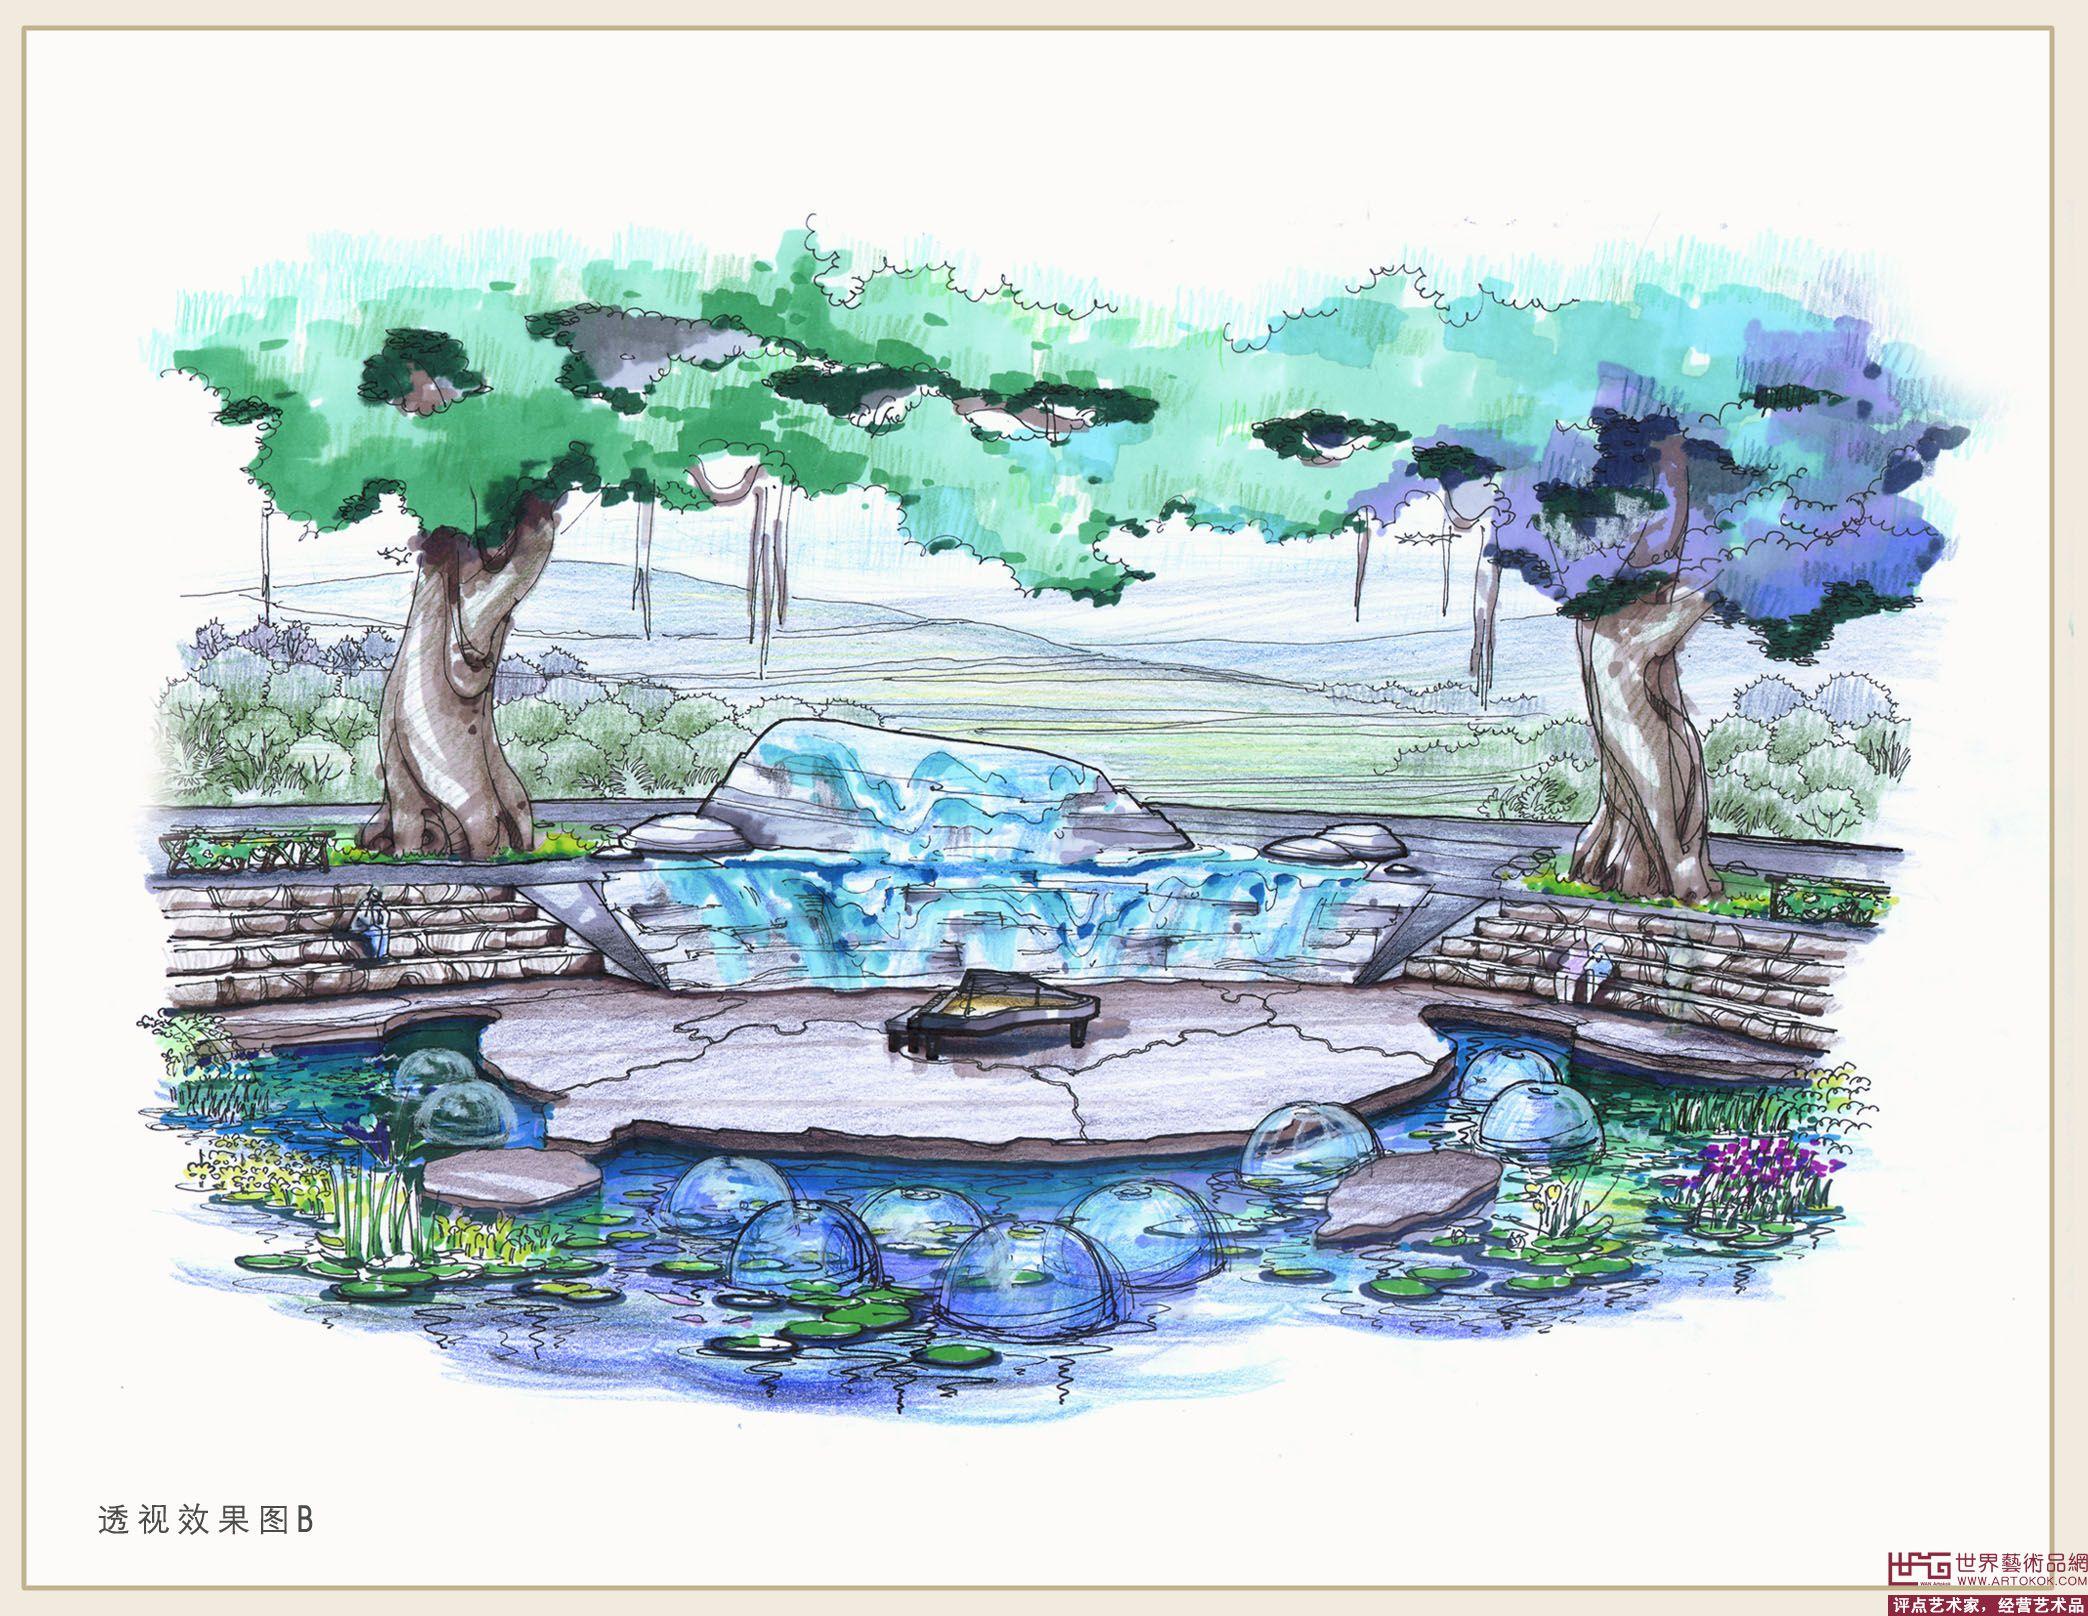 同根园手绘效果图2